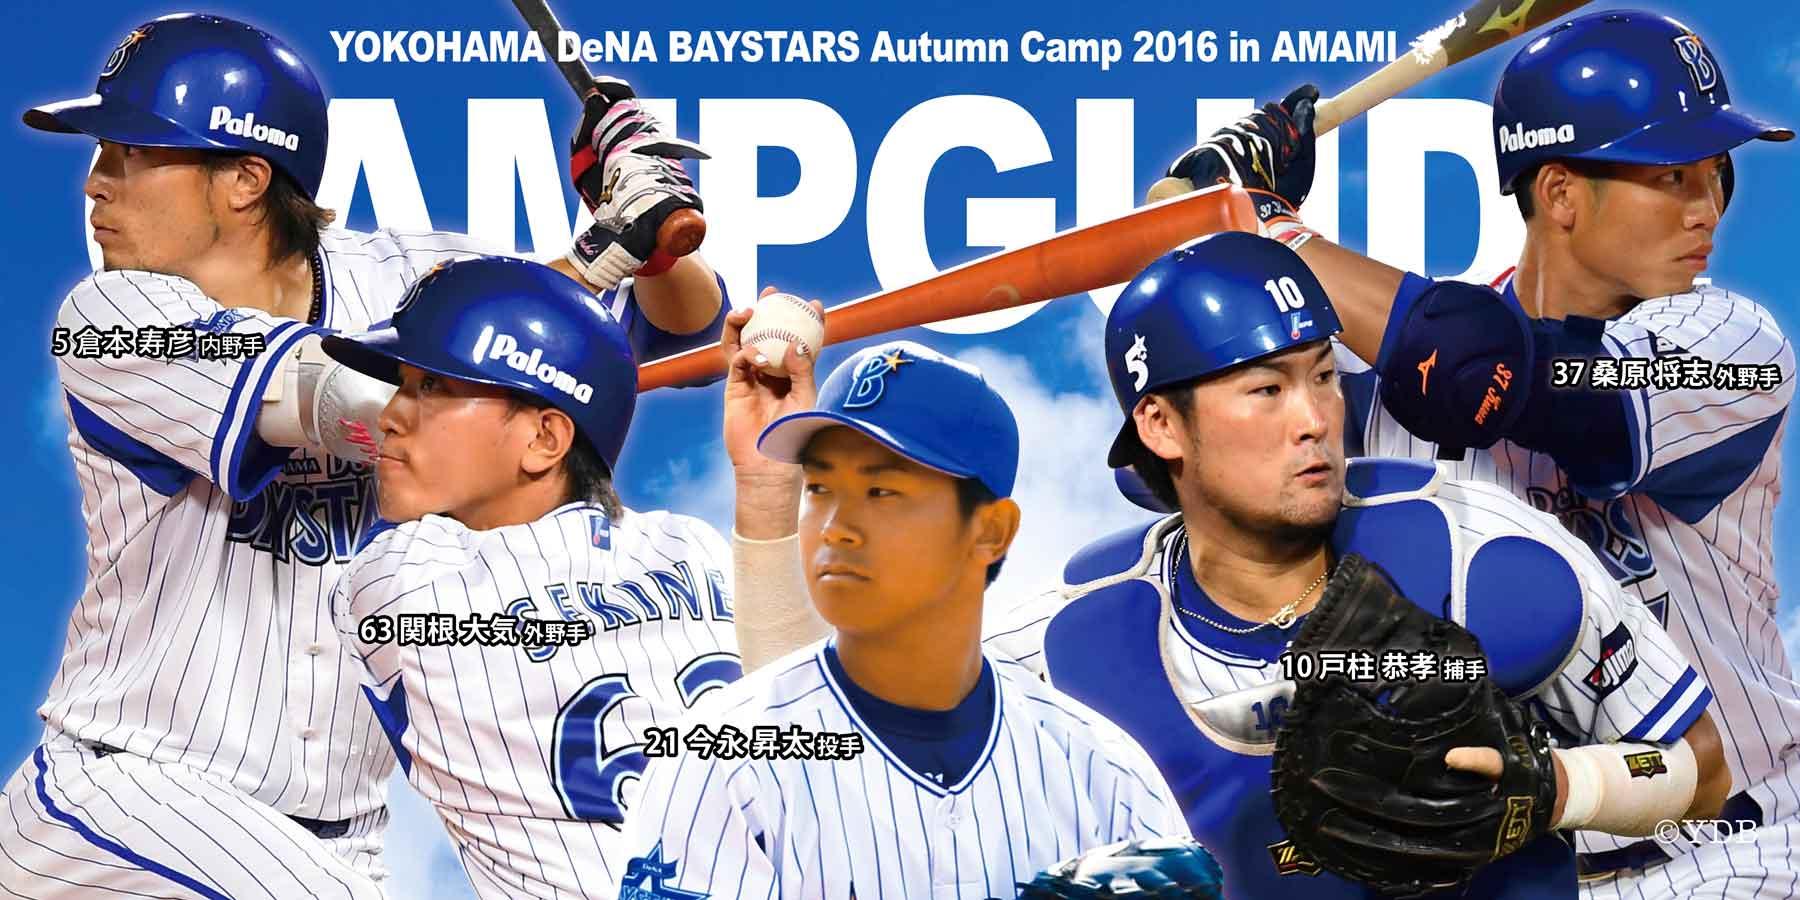 横浜DeNAベイスターズ秋季奄美キャンプ応援広告募集のお知らせ